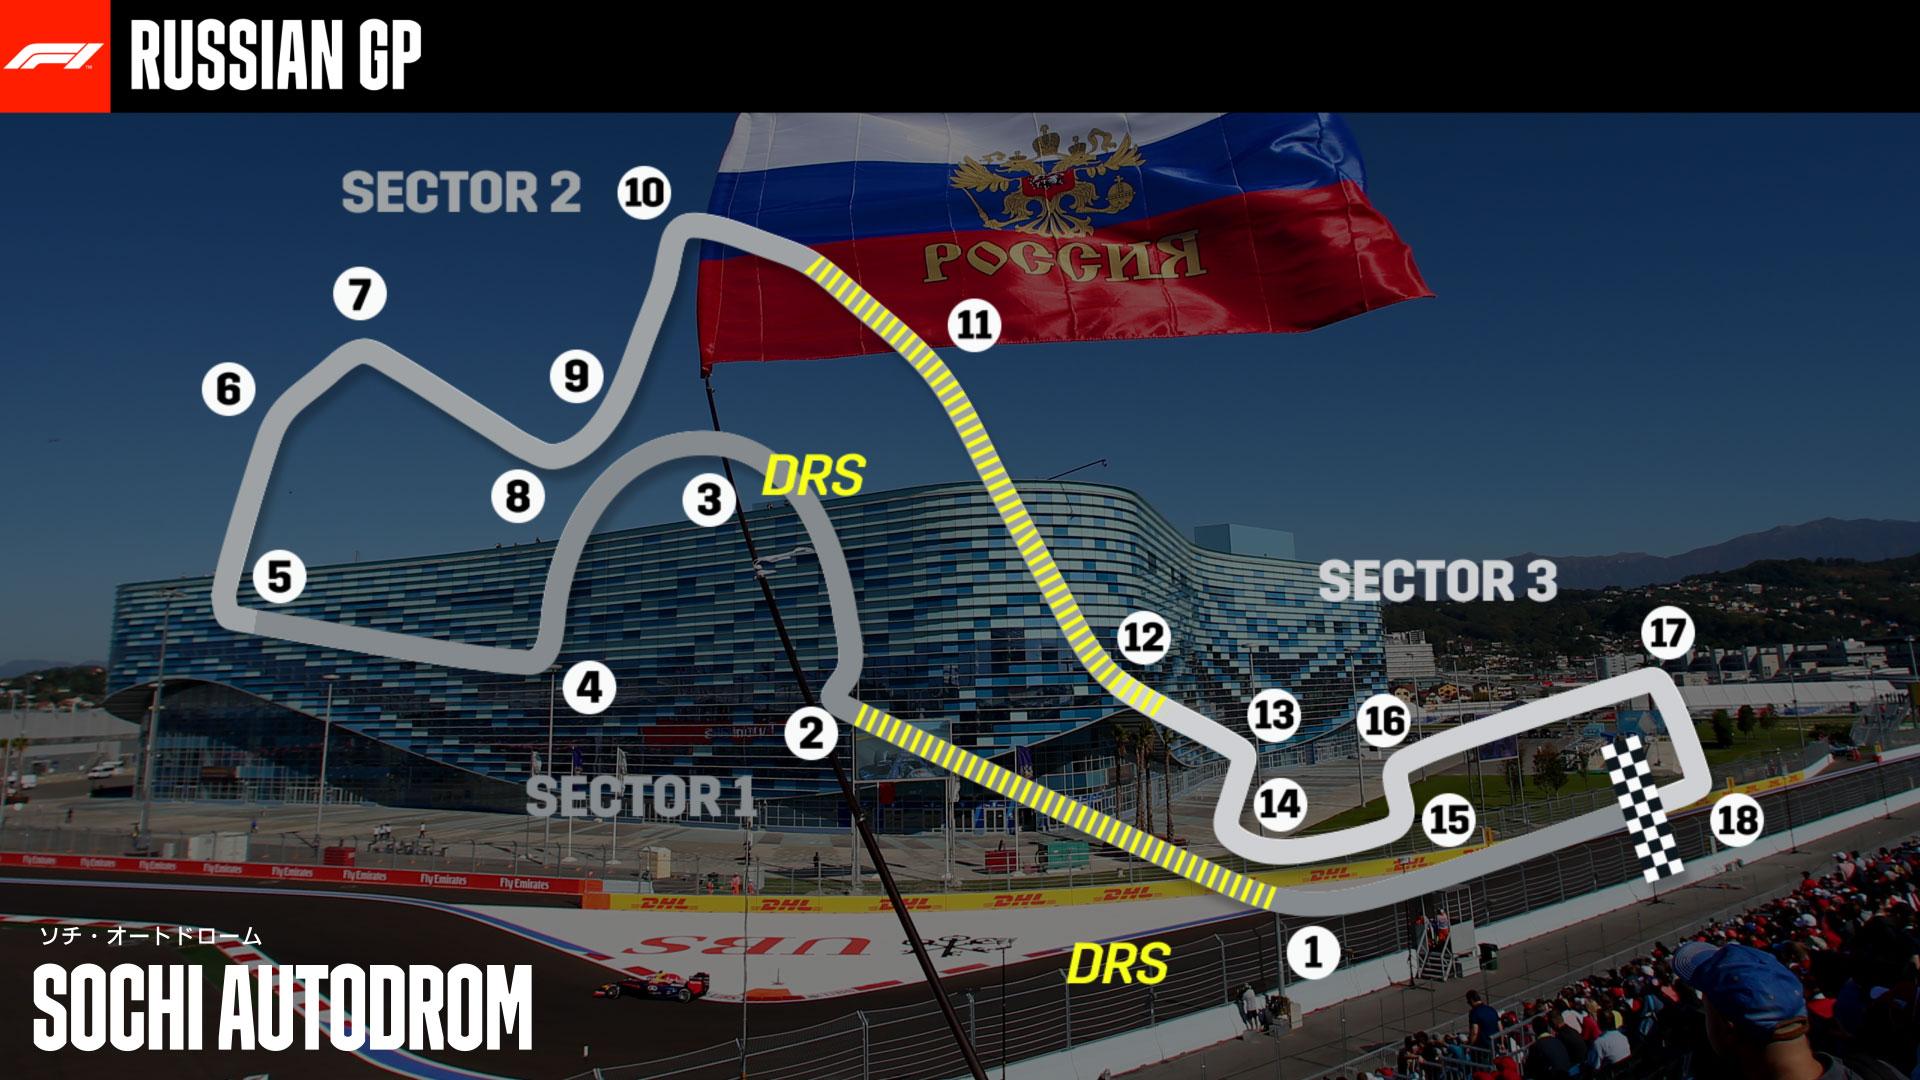 2020-07-27 Russia Formula 1 F1 Course